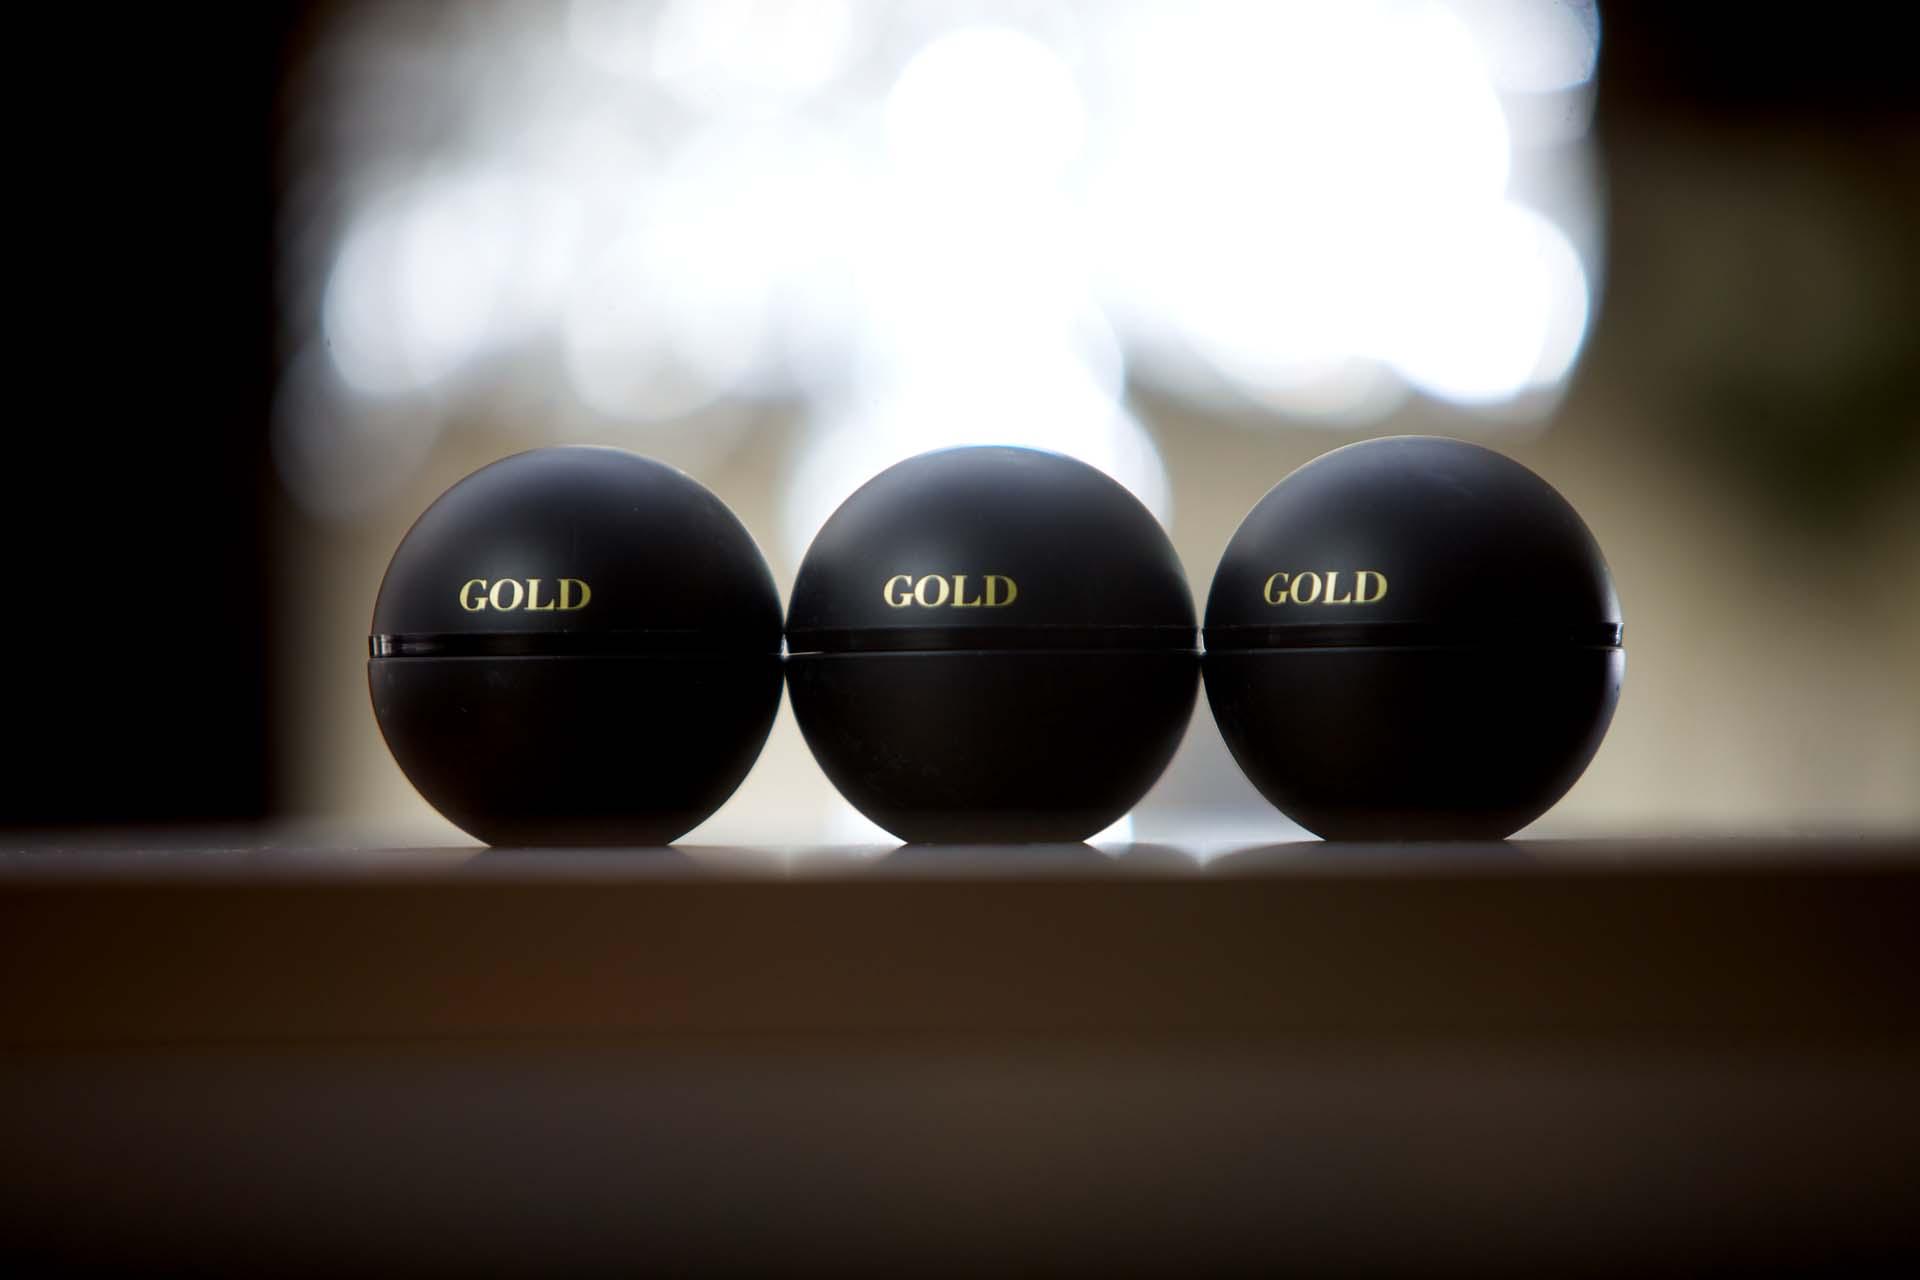 Mote-Hår, Arendal. Gold styling